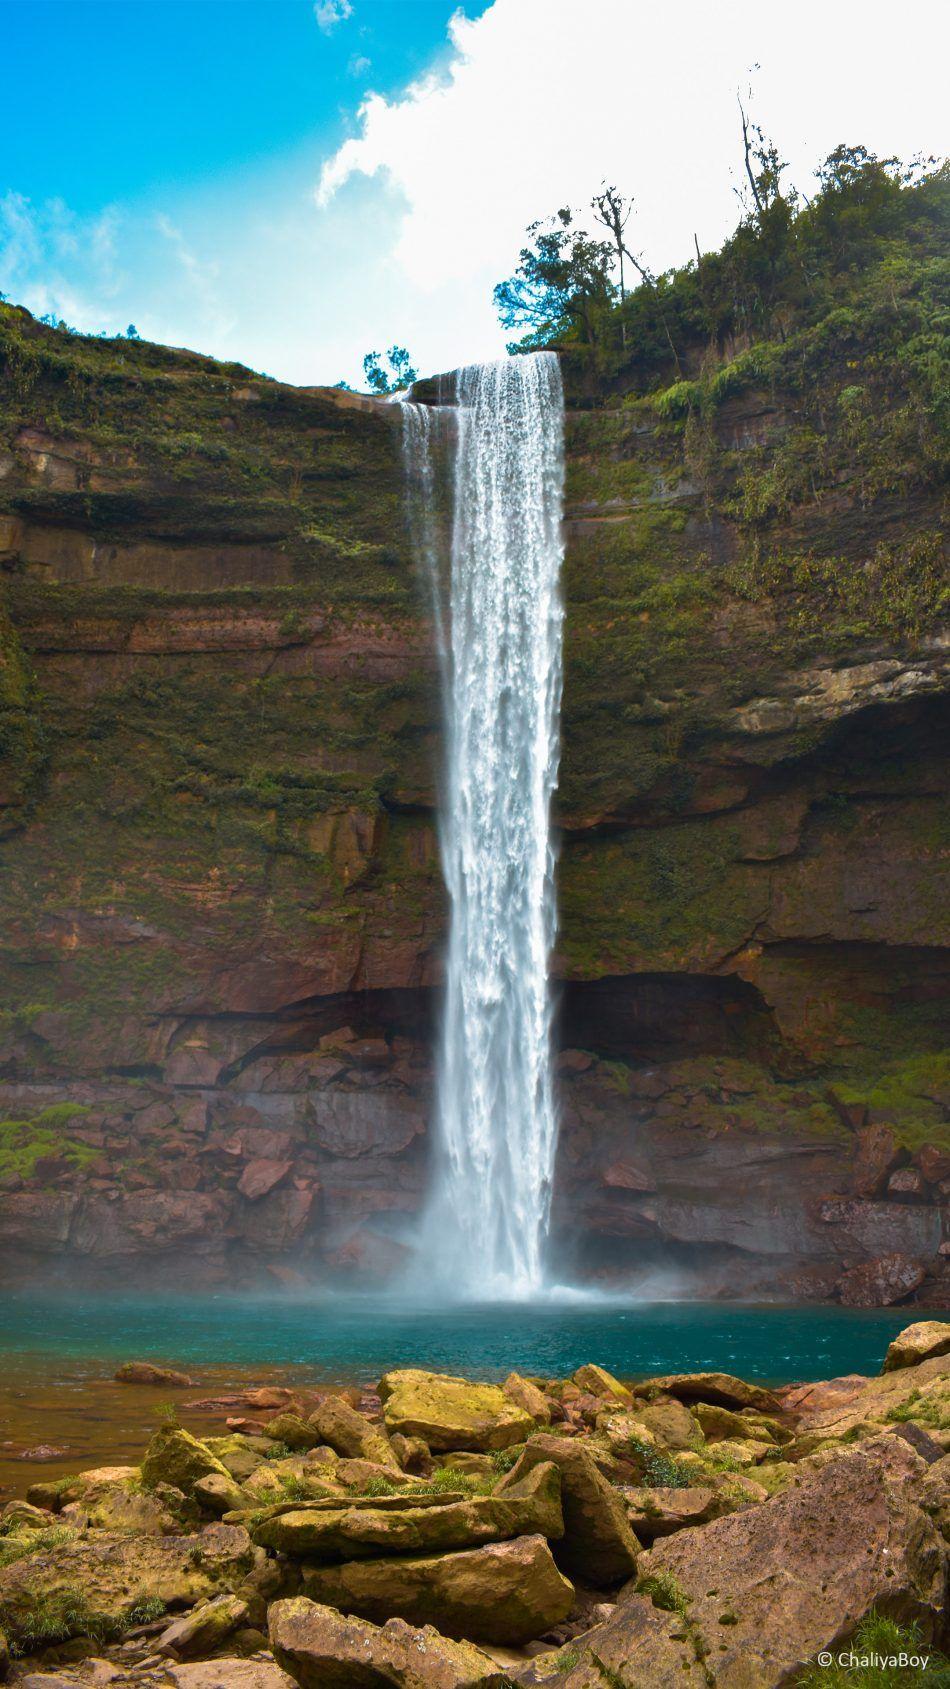 Waterfall Blue Sky Phe Phe Falls Nature Photography Waterfall Beautiful Nature